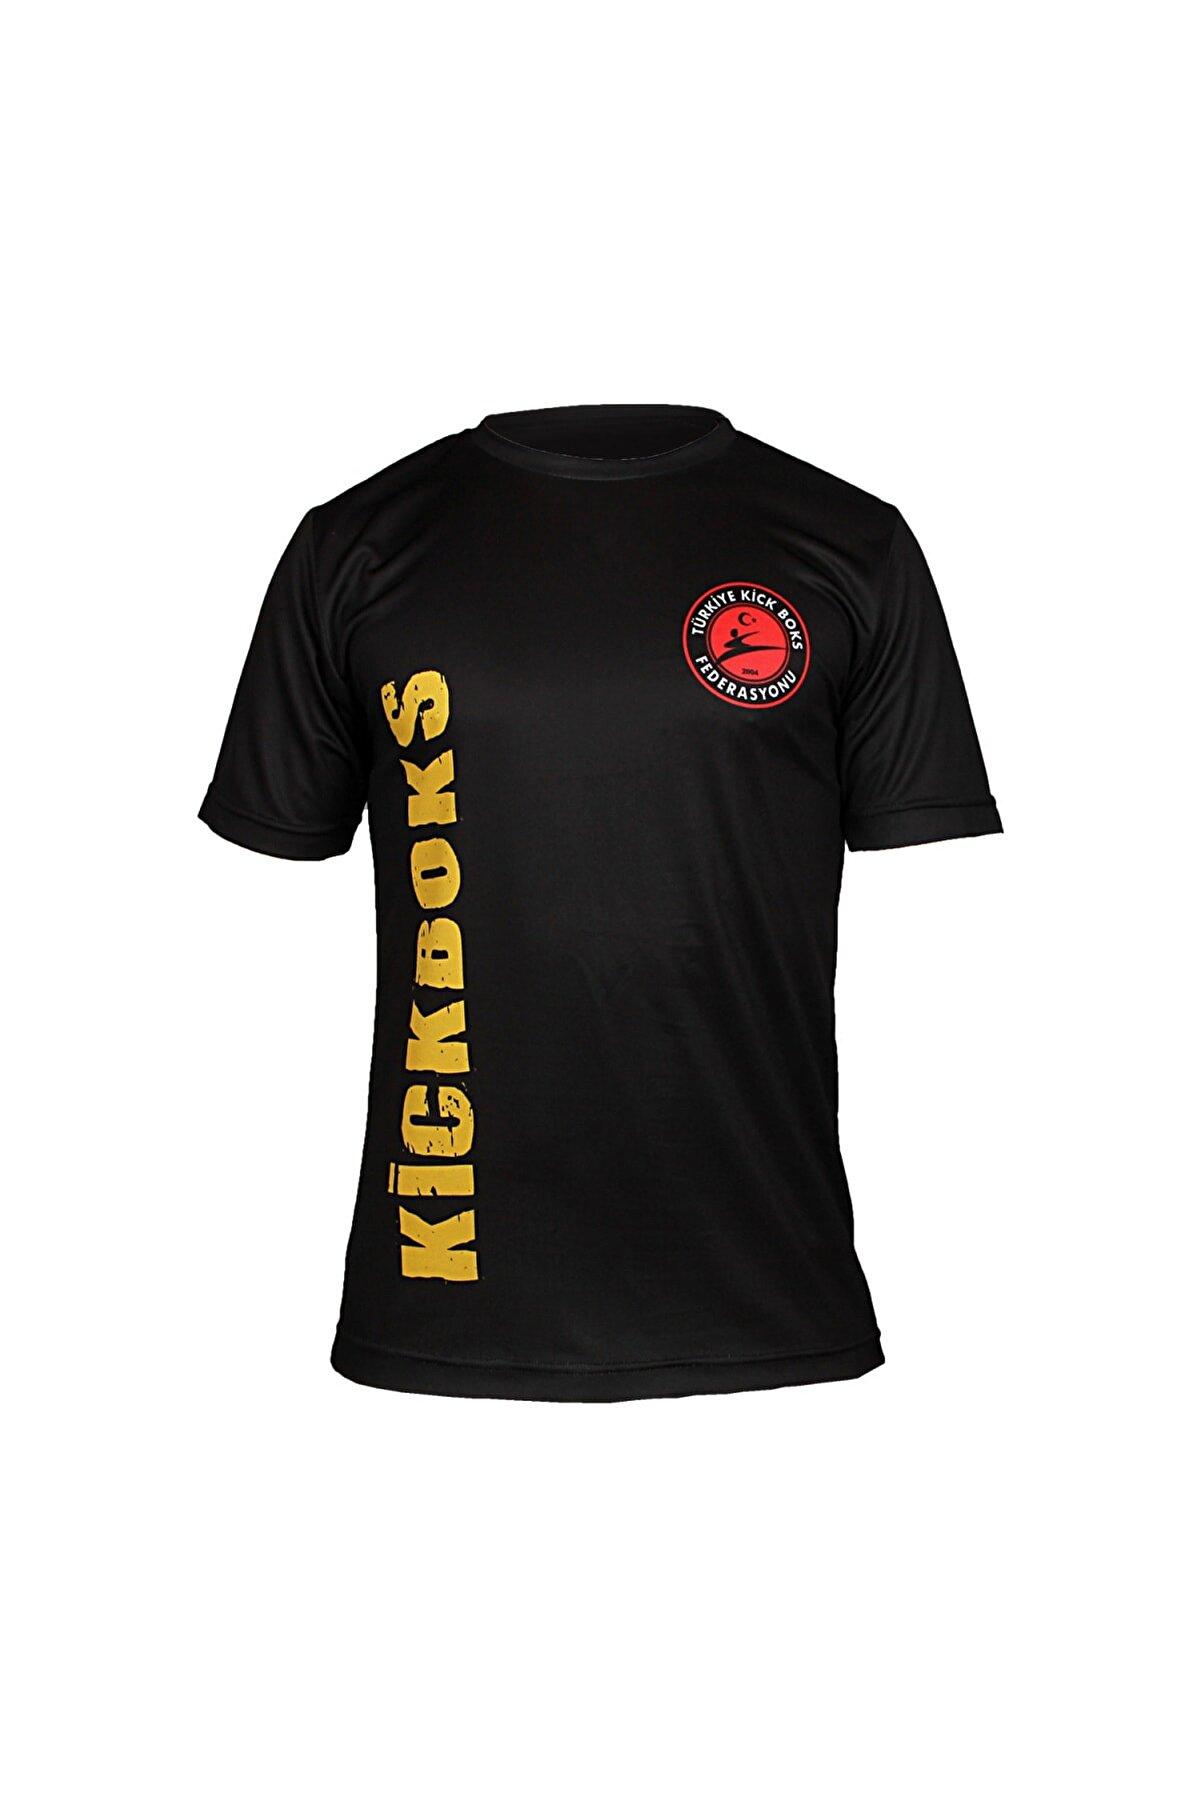 DO-SMAI Kick Boks Dijital Baskılı T-shirt Kb010 Siyah